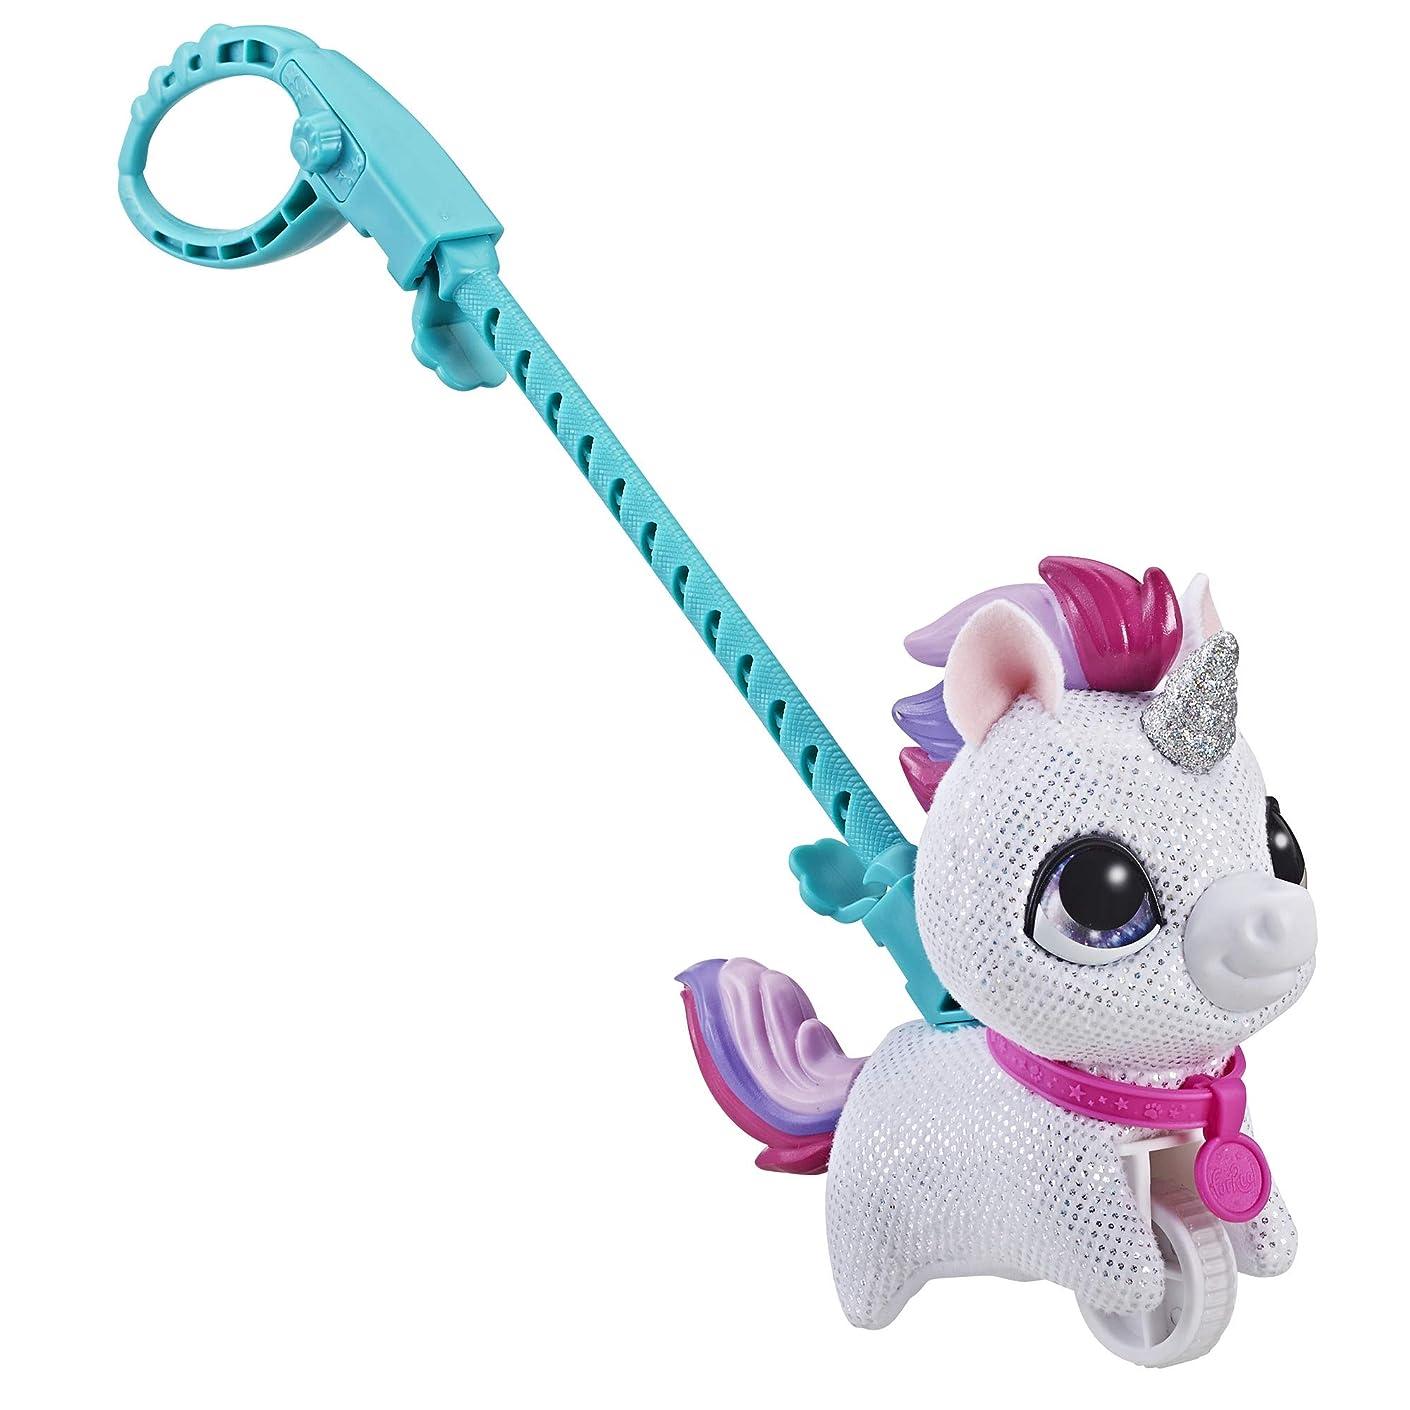 命題強制的強要FurReal Walkalots Lil' Wags, Unicorn